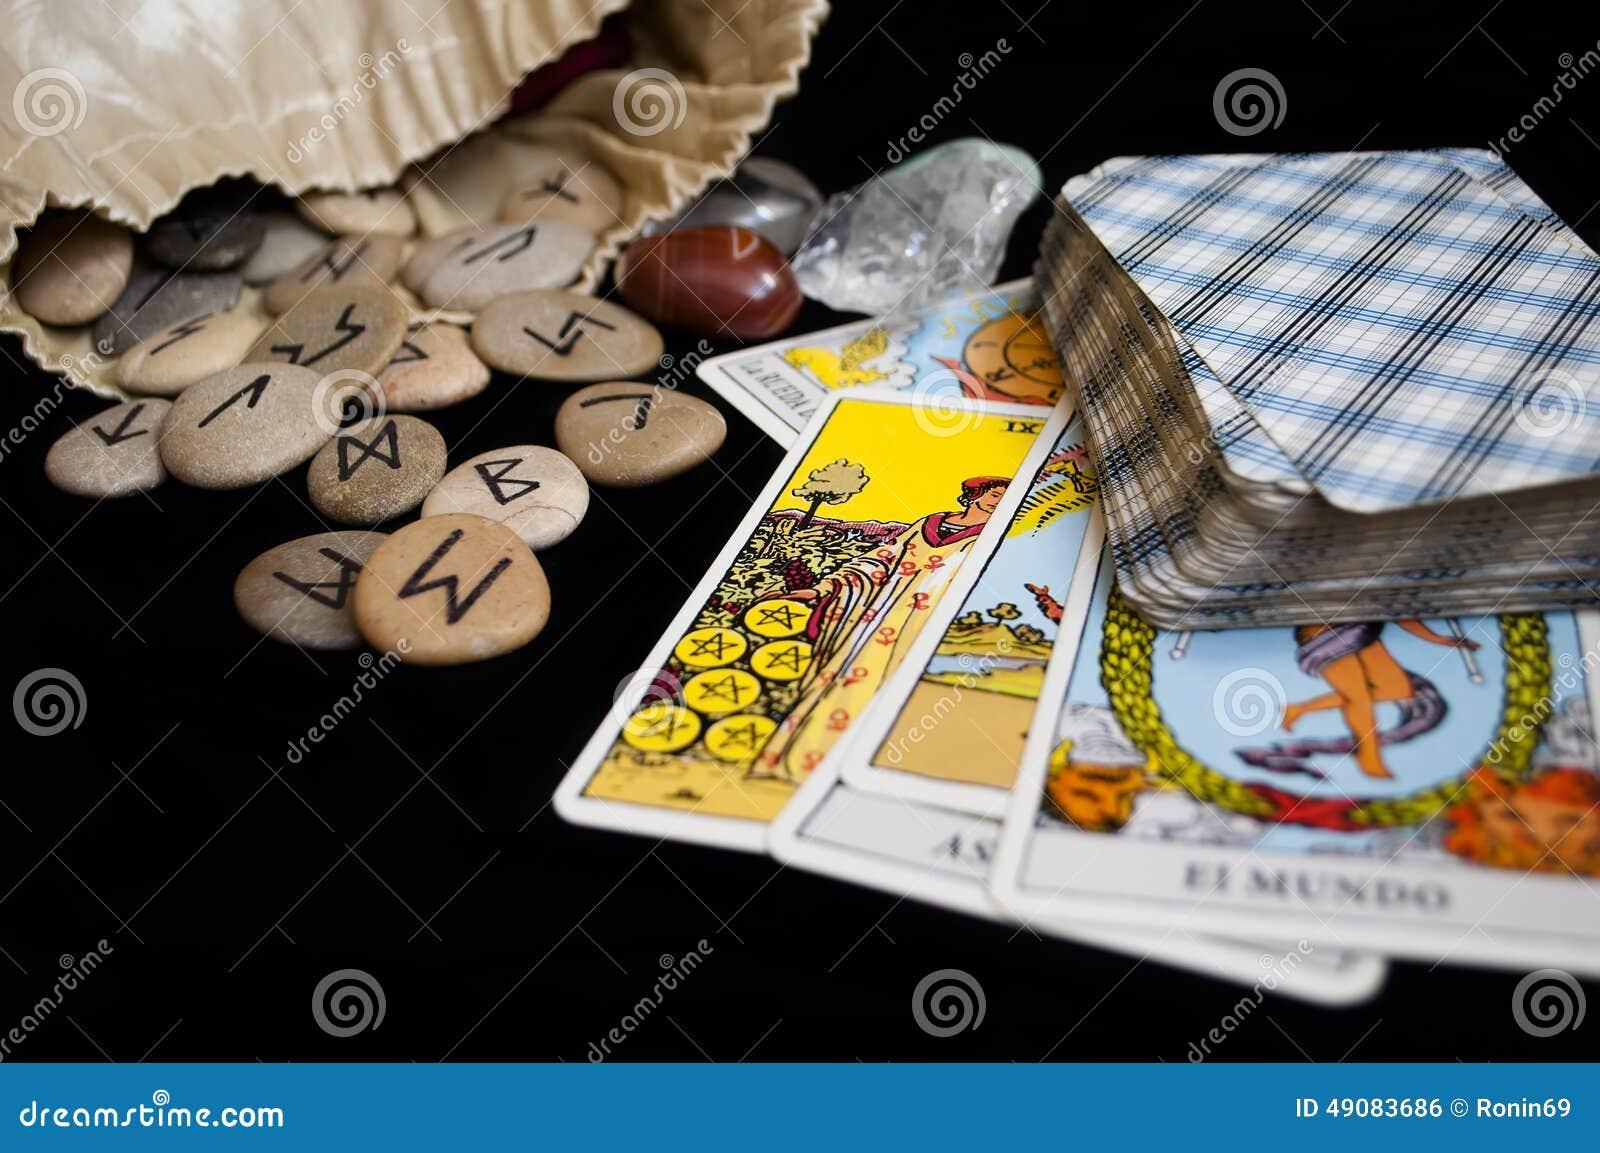 Runes i tarot karty